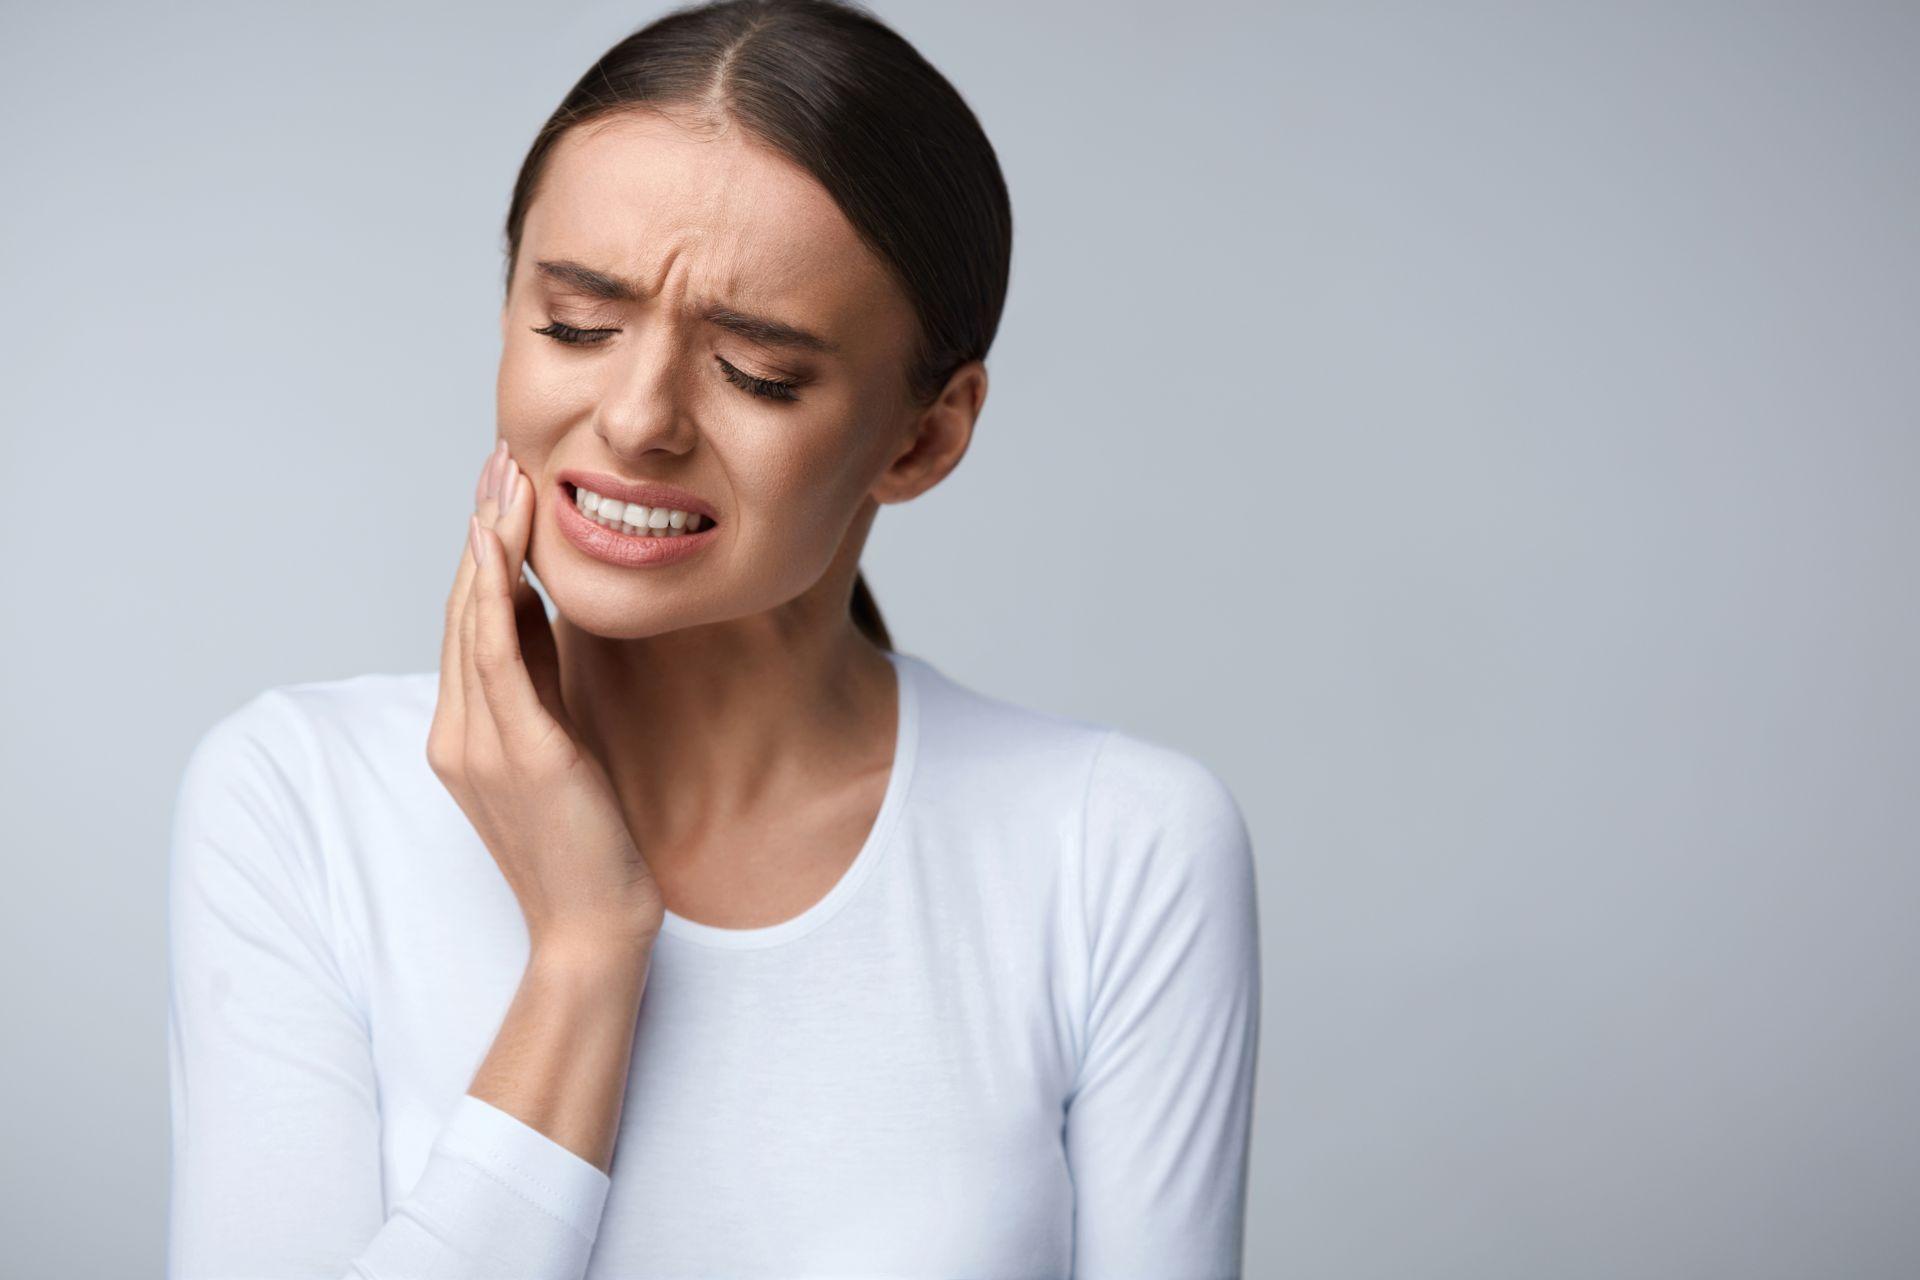 Nadwrażliwość? Poznaj nowoczesne metody wybielania nadwrażliwych zębów!